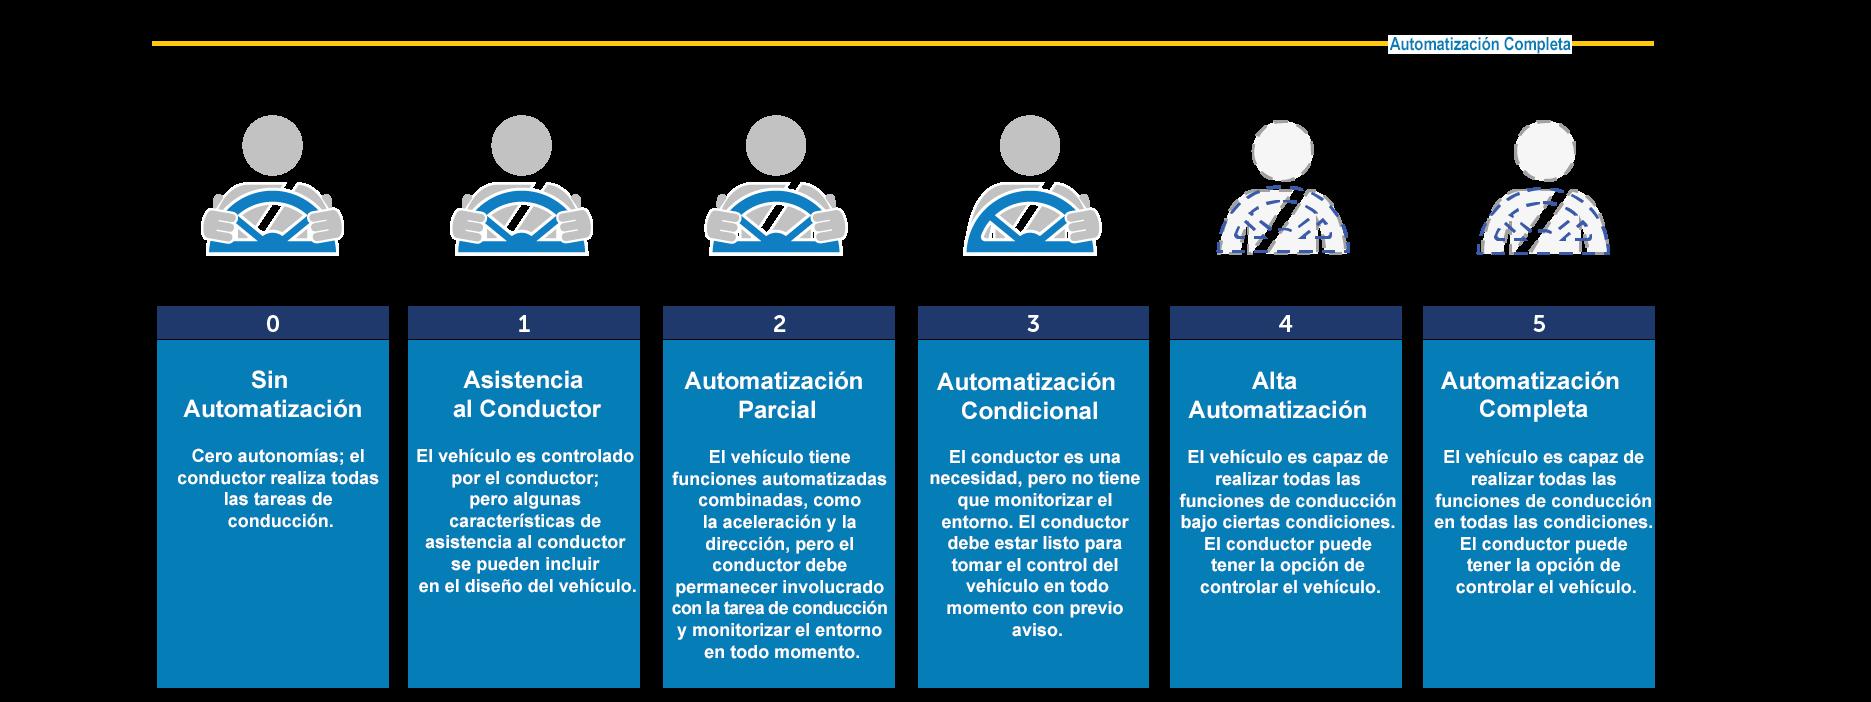 Sociedad de Ingenieros Automotrices (SAE, por sus siglas en inglés) Niveles de Automatización